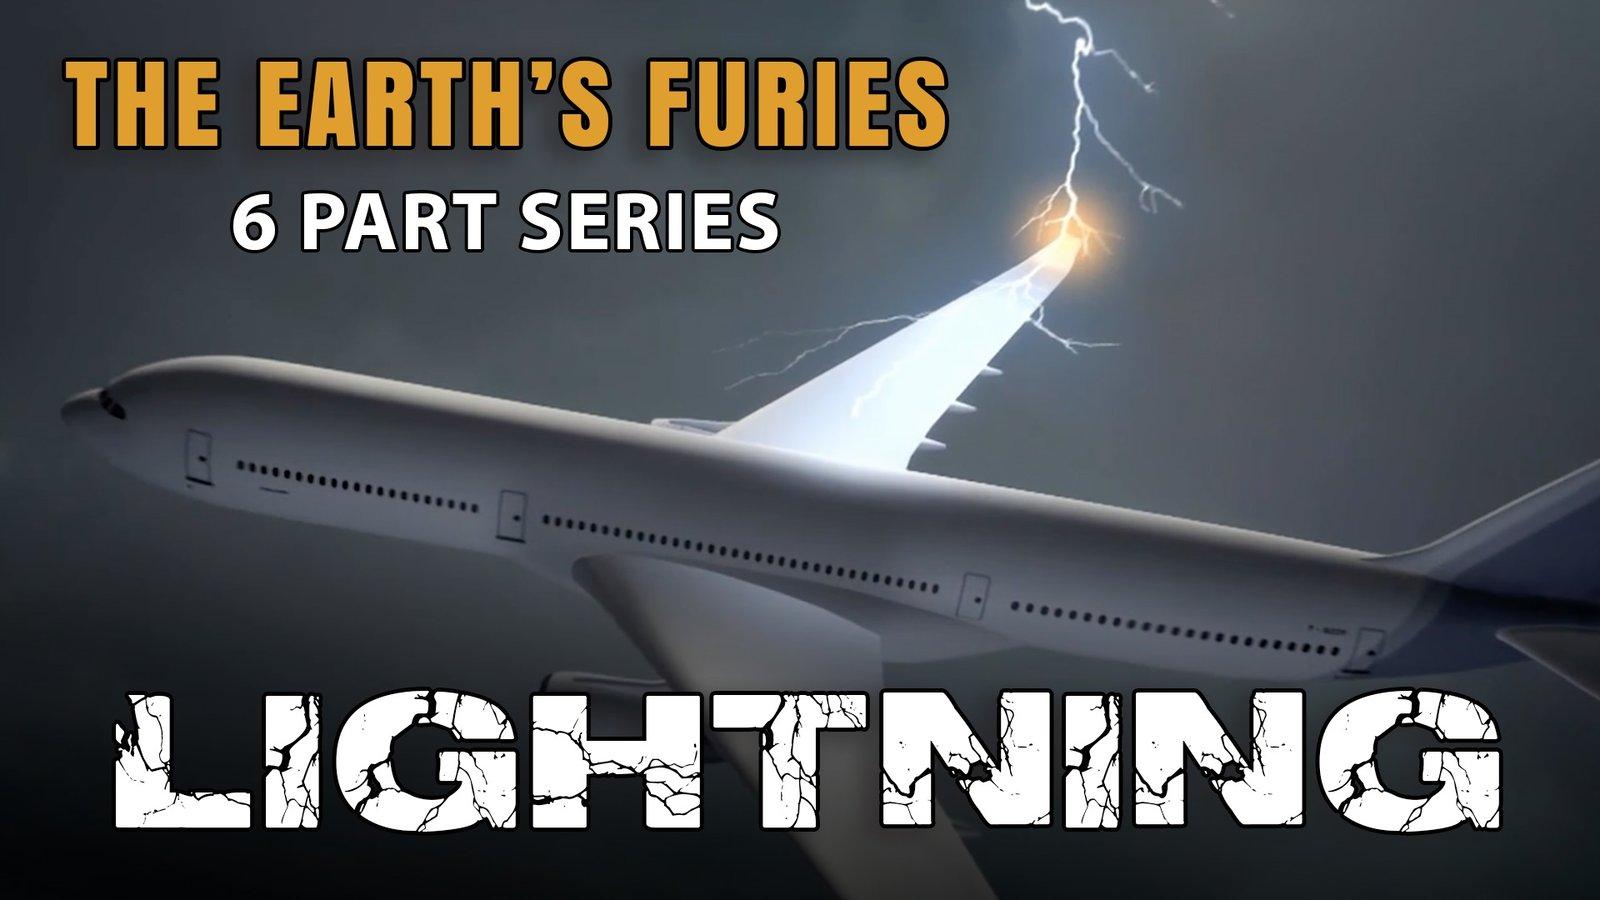 Lightning - The Science of Lightning